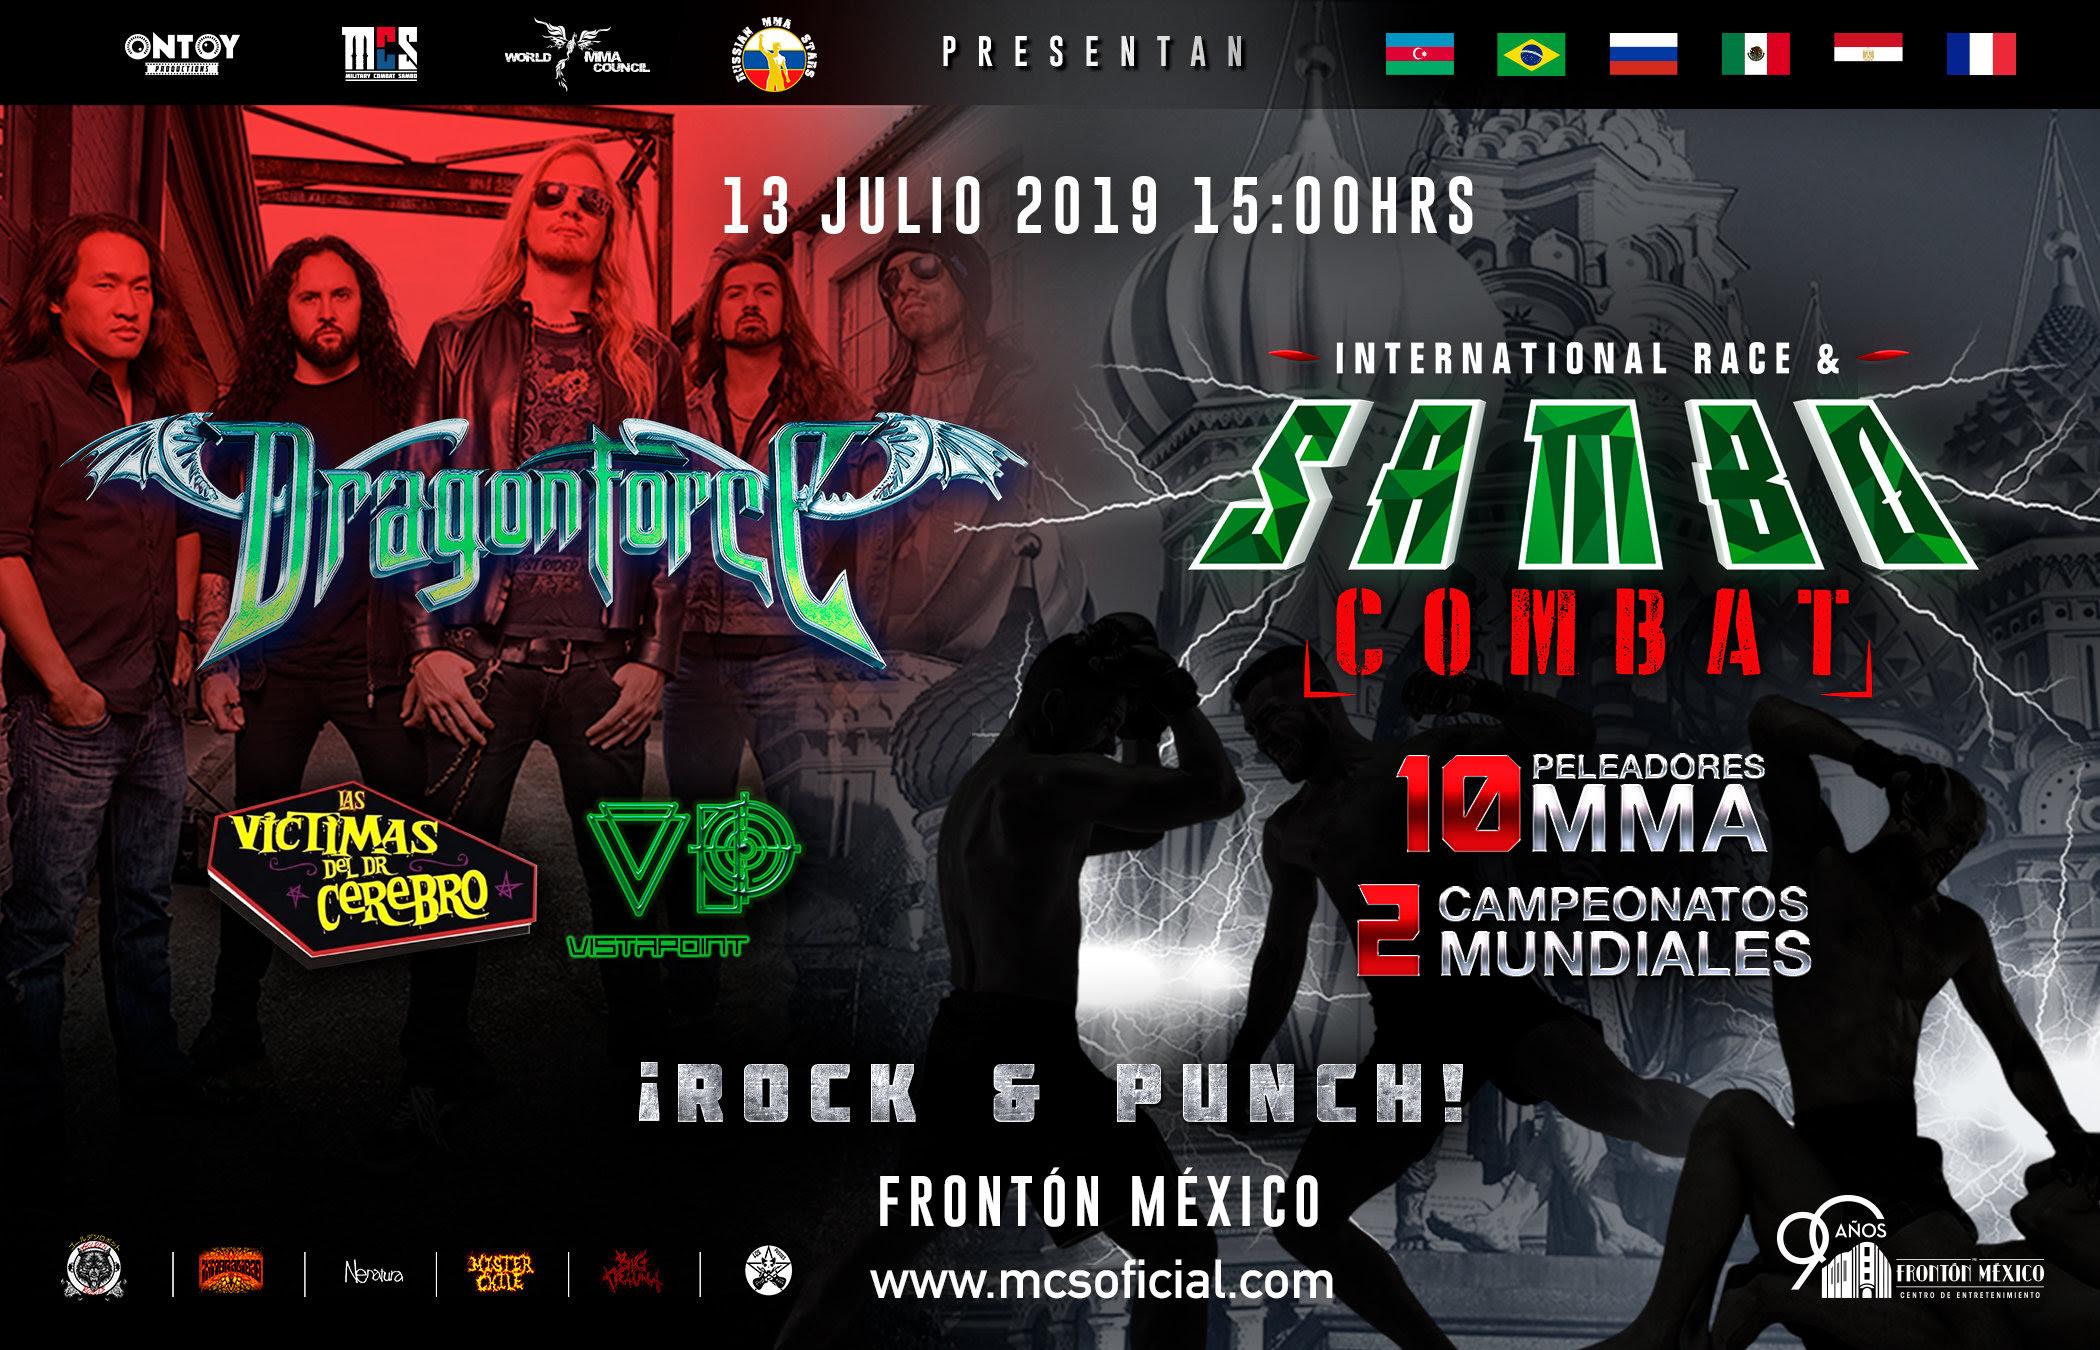 International Race and Sambo Combat en México más Dragon Force y Víctimas del Dr. Cerebro